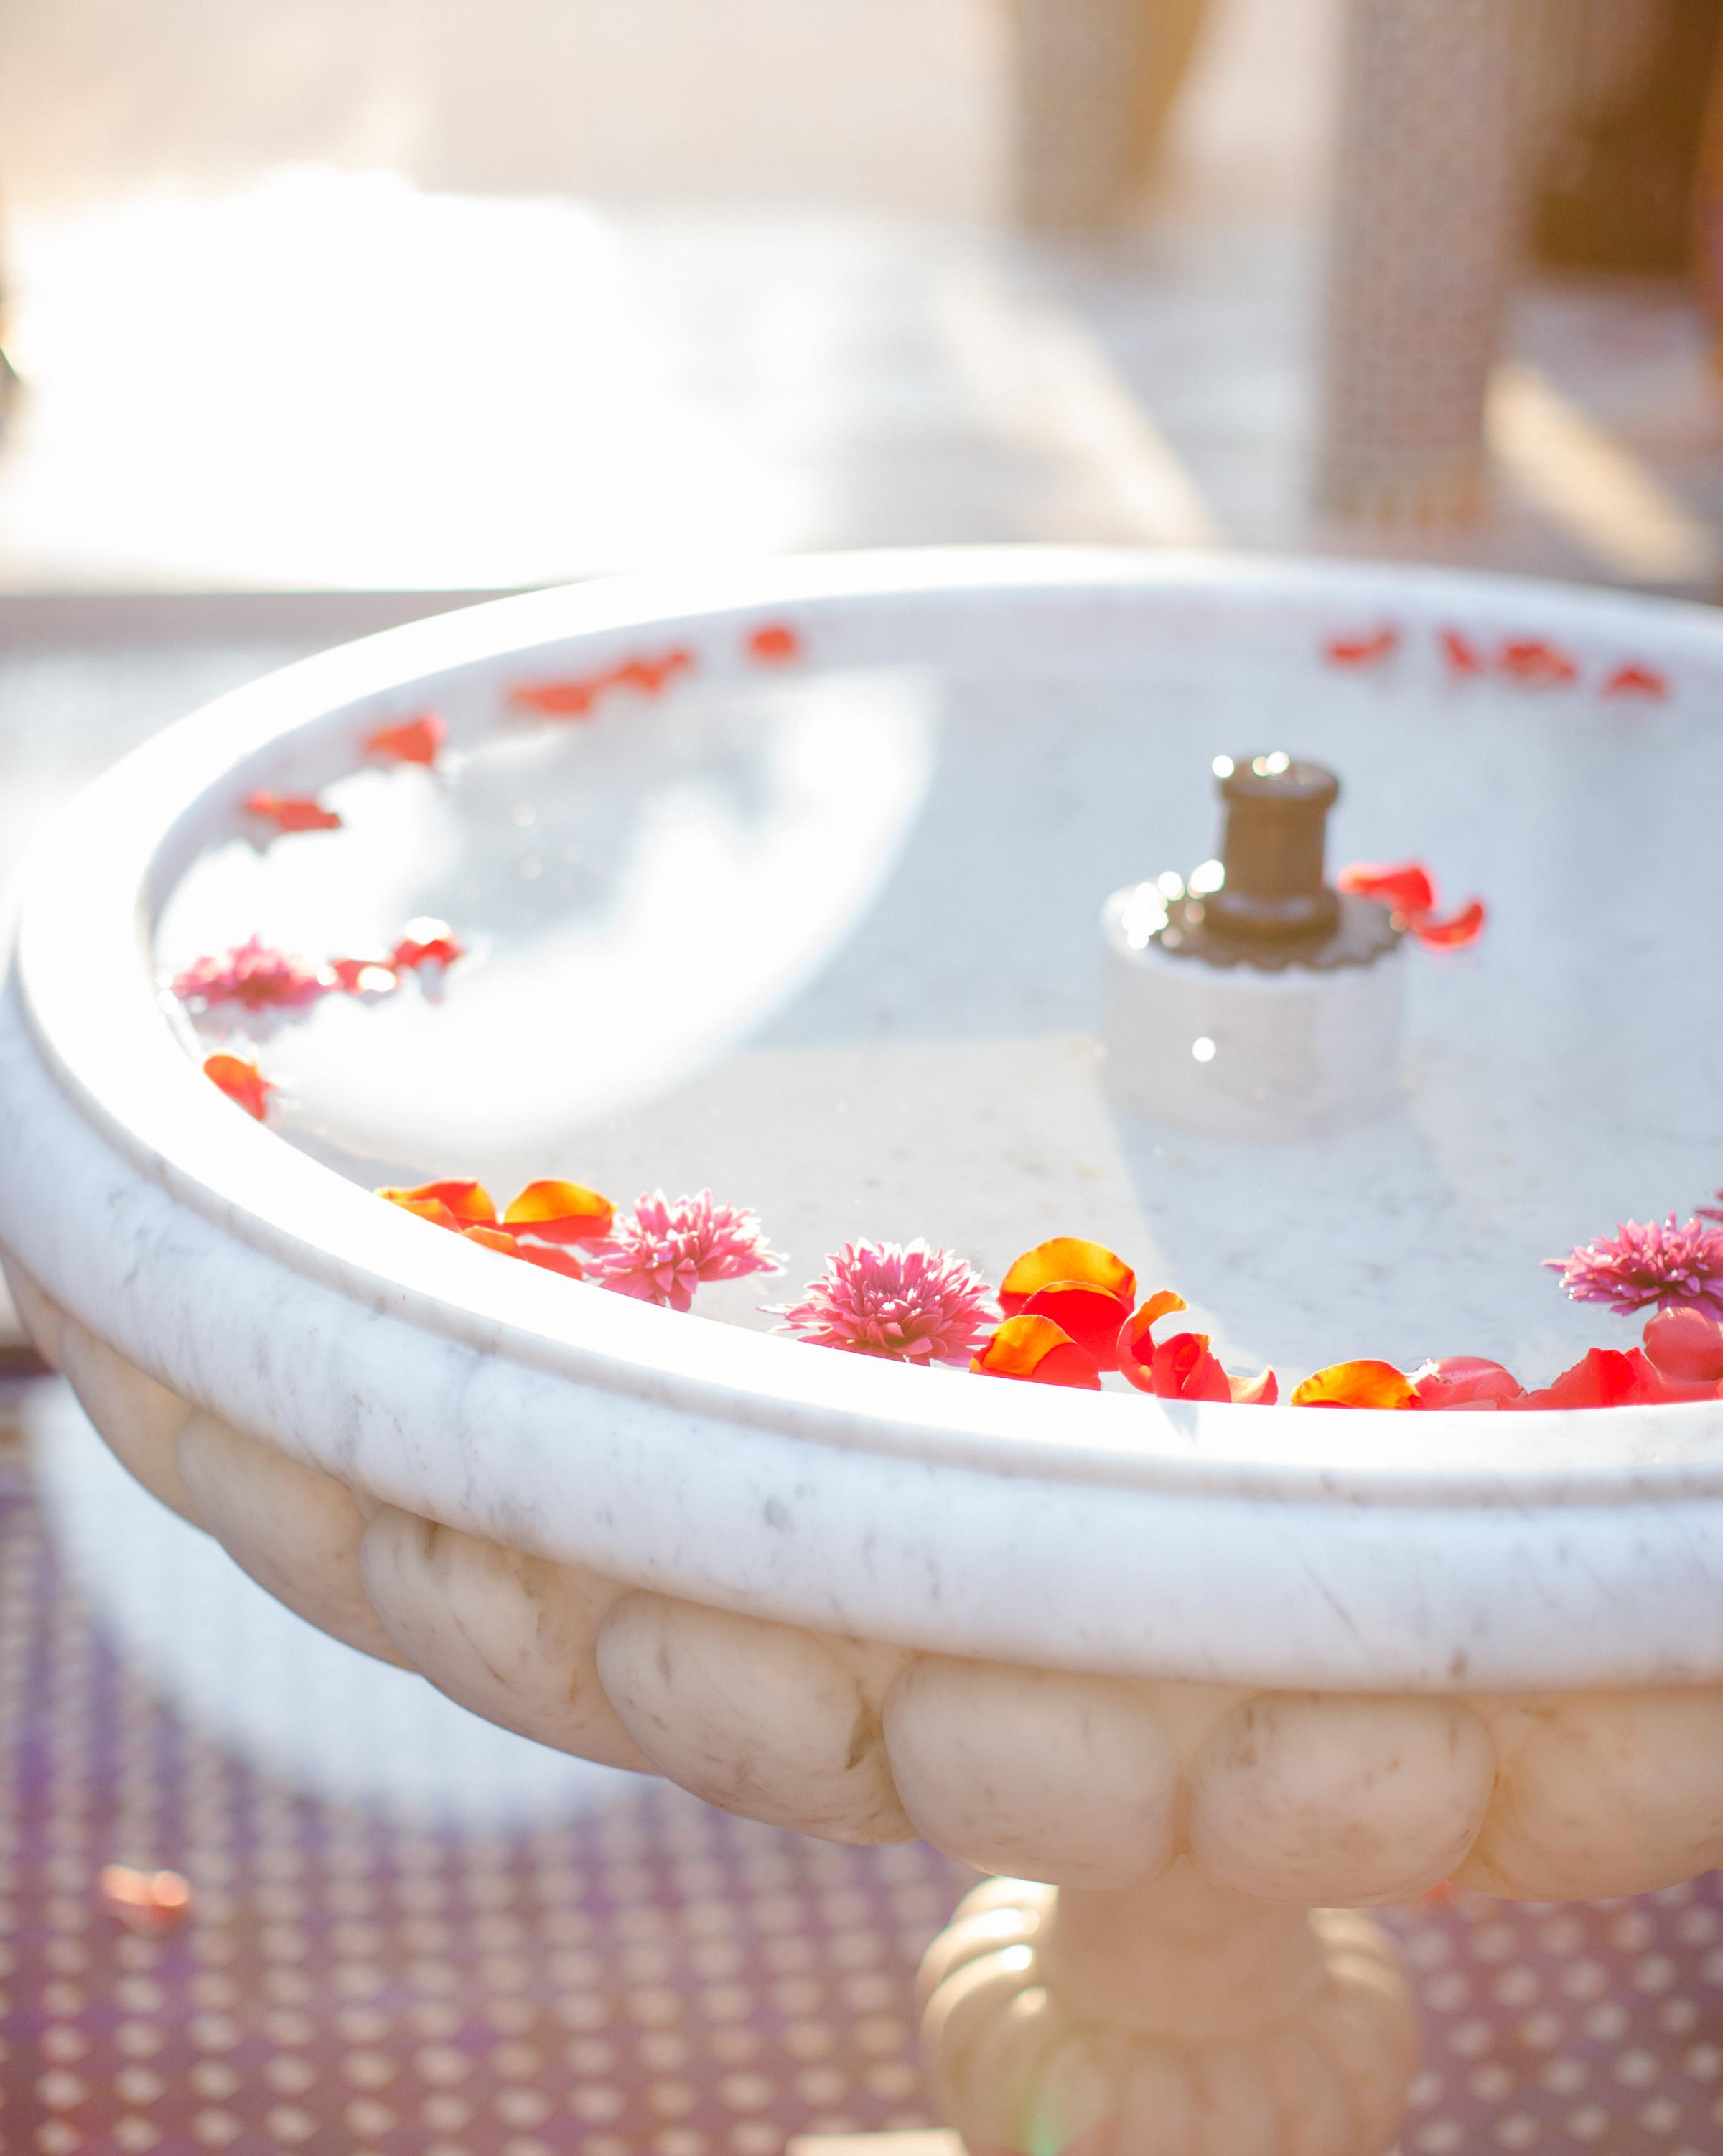 federica-tommaso-wedding-fountain-080-s112330-1015.jpg